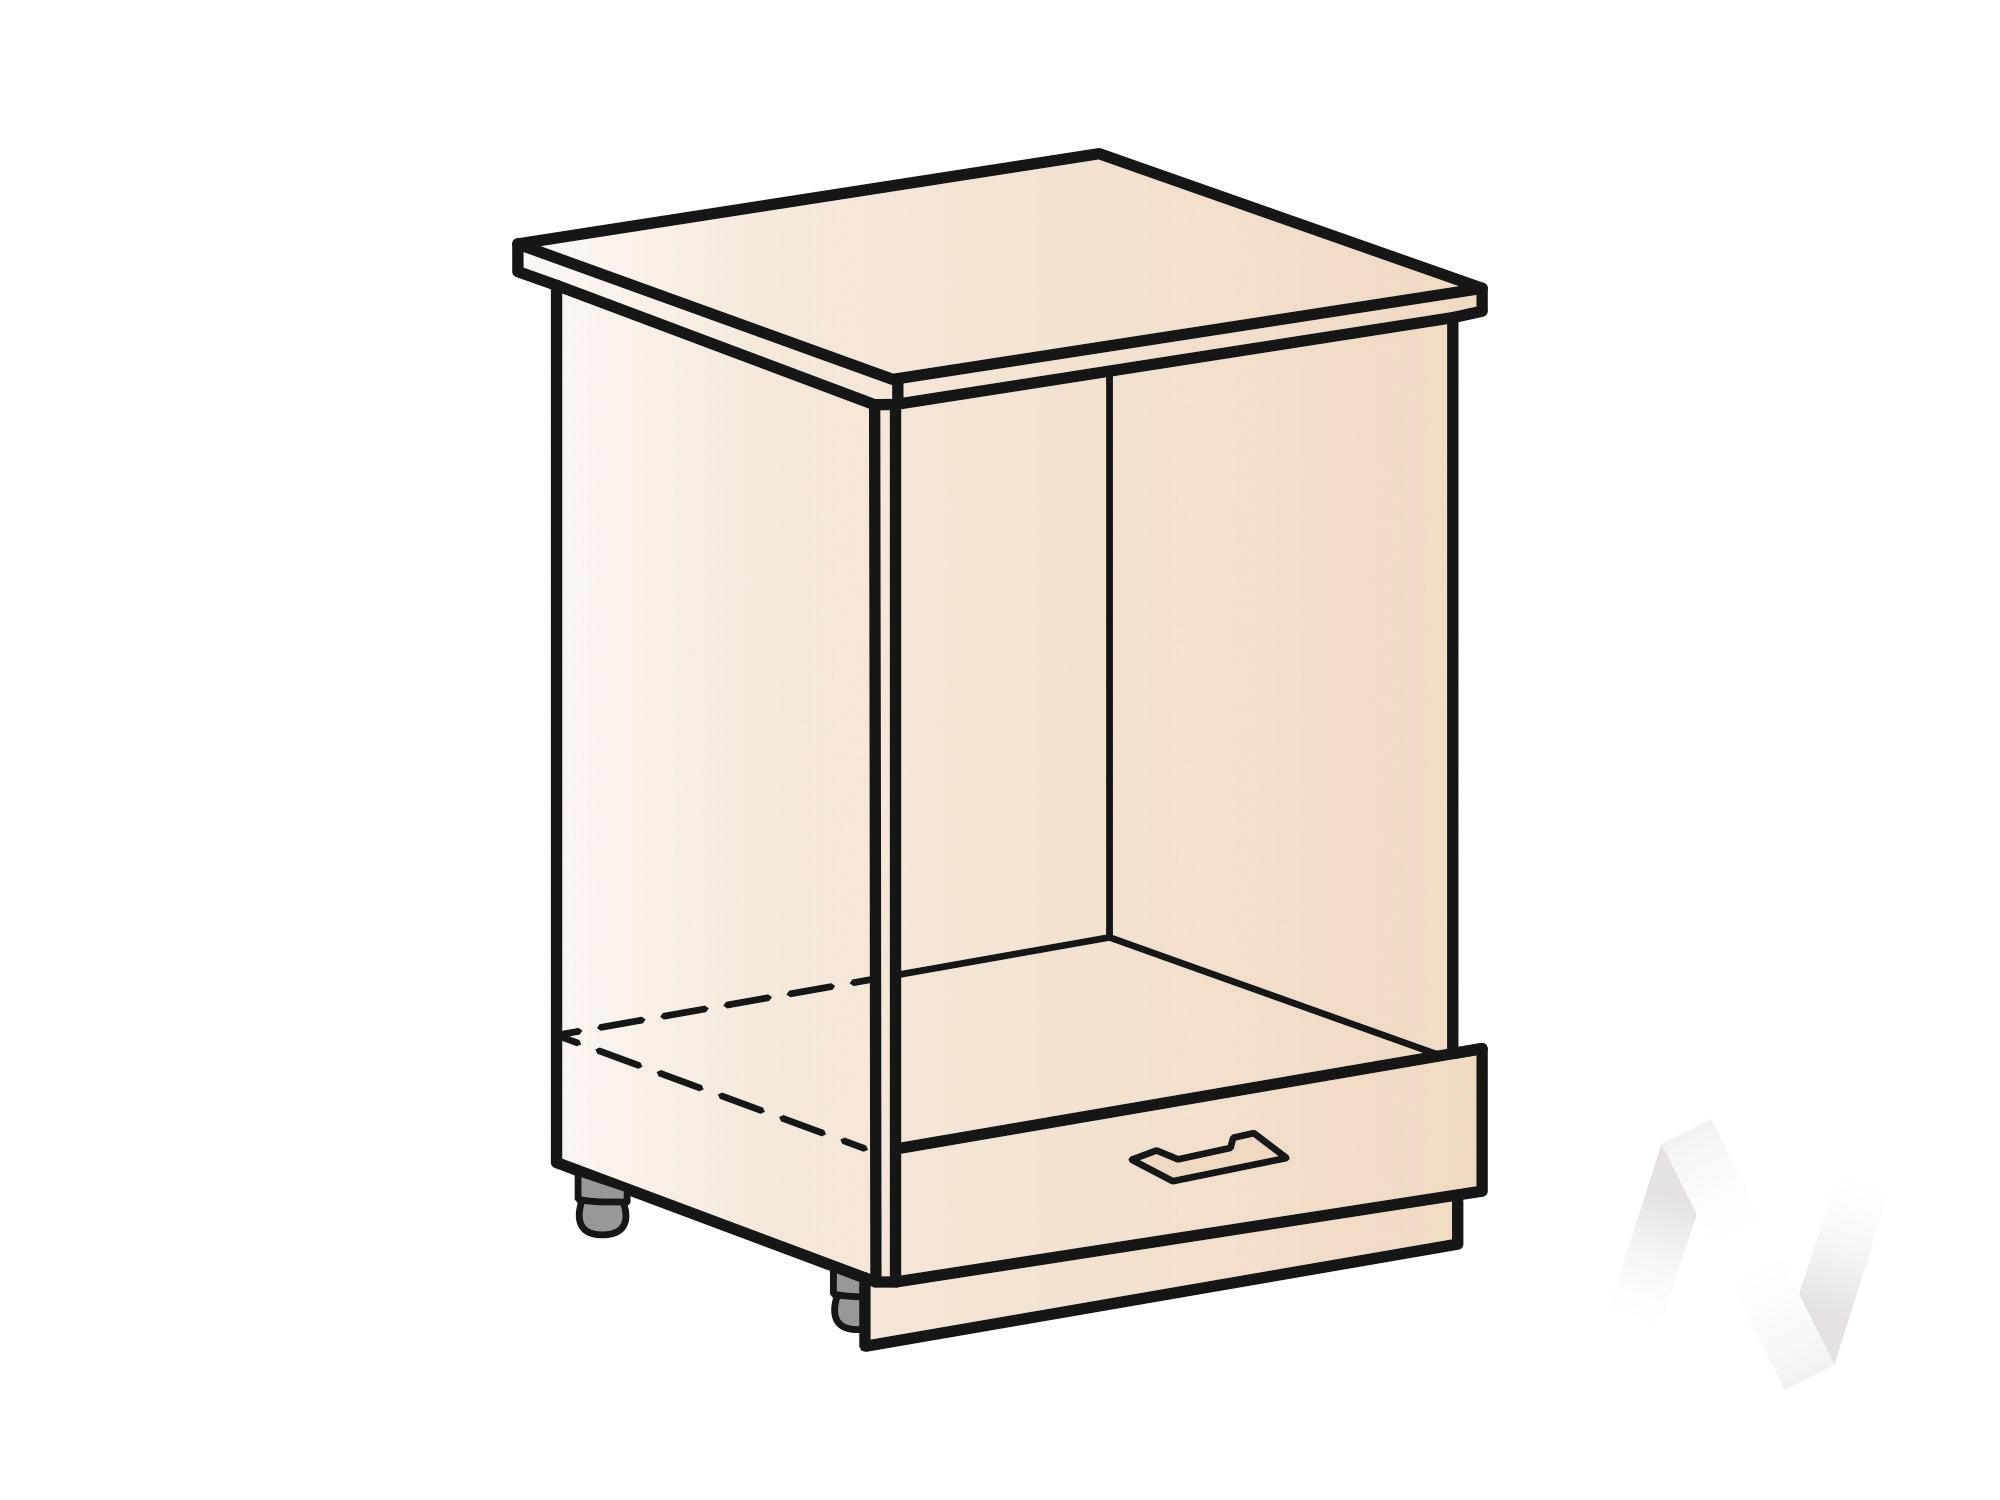 """Купить кухня """"вена"""": шкаф нижний под духовку 600, шнд 600 (корпус белый) в Новосибирске в интернет-магазине Мебель плюс Техника"""